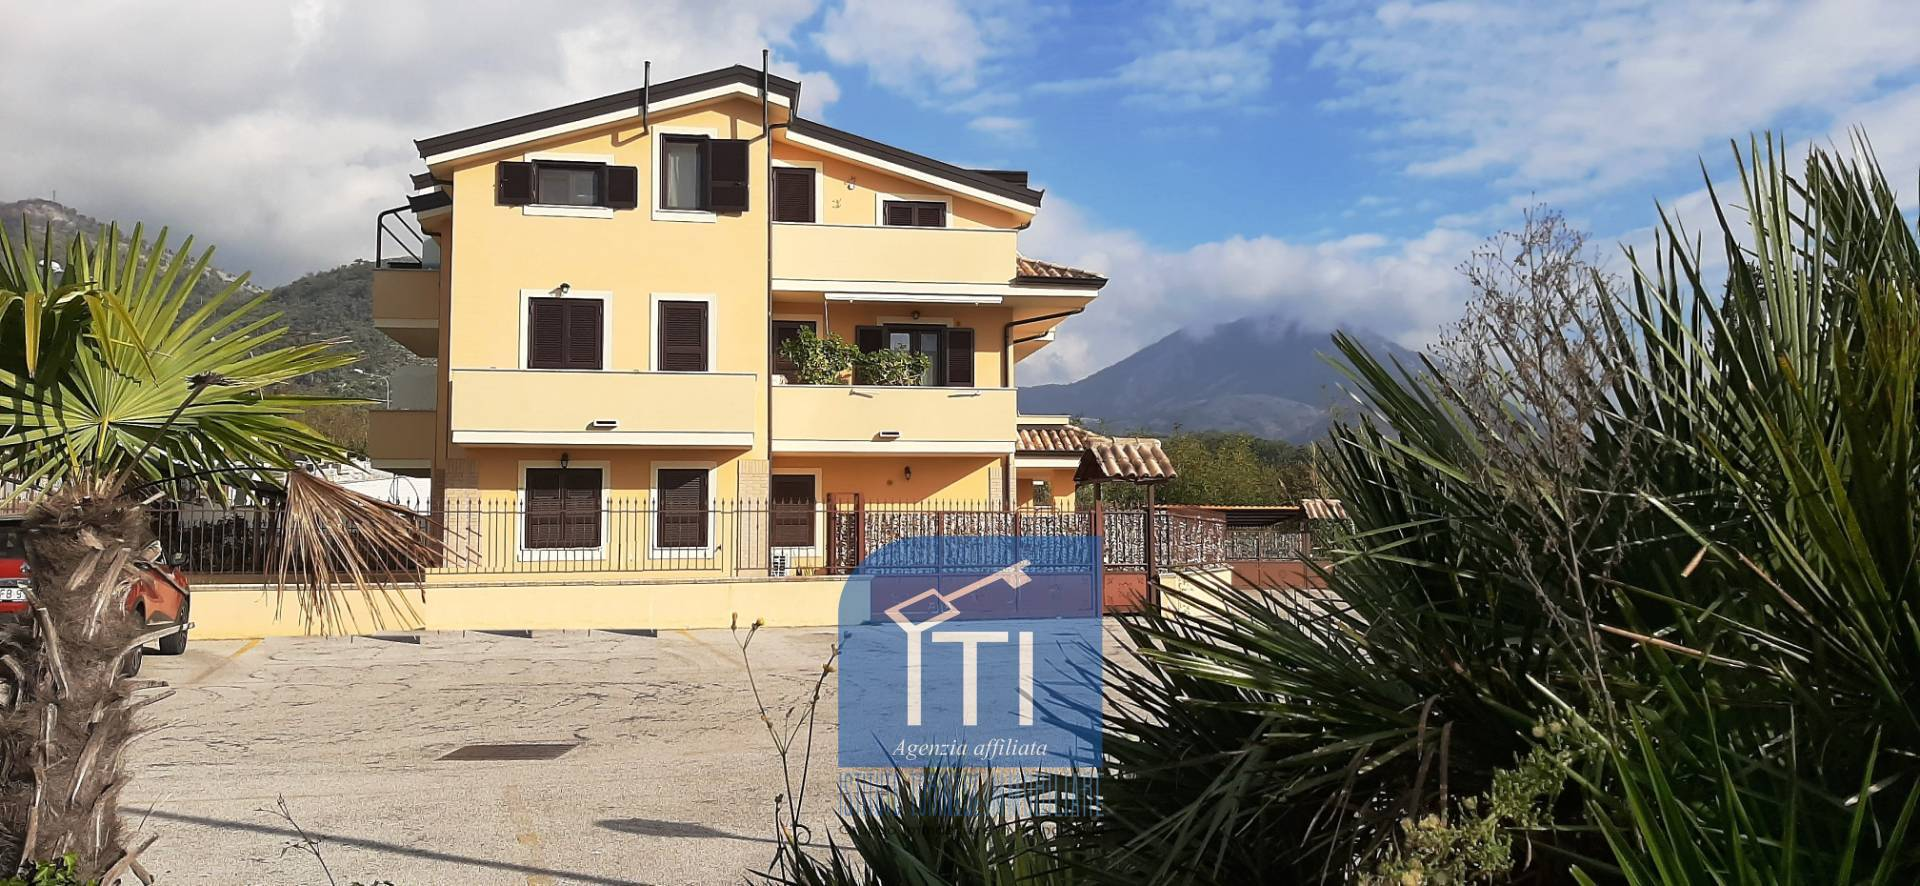 Attico / Mansarda in vendita a Cervaro, 4 locali, prezzo € 73.000 | CambioCasa.it